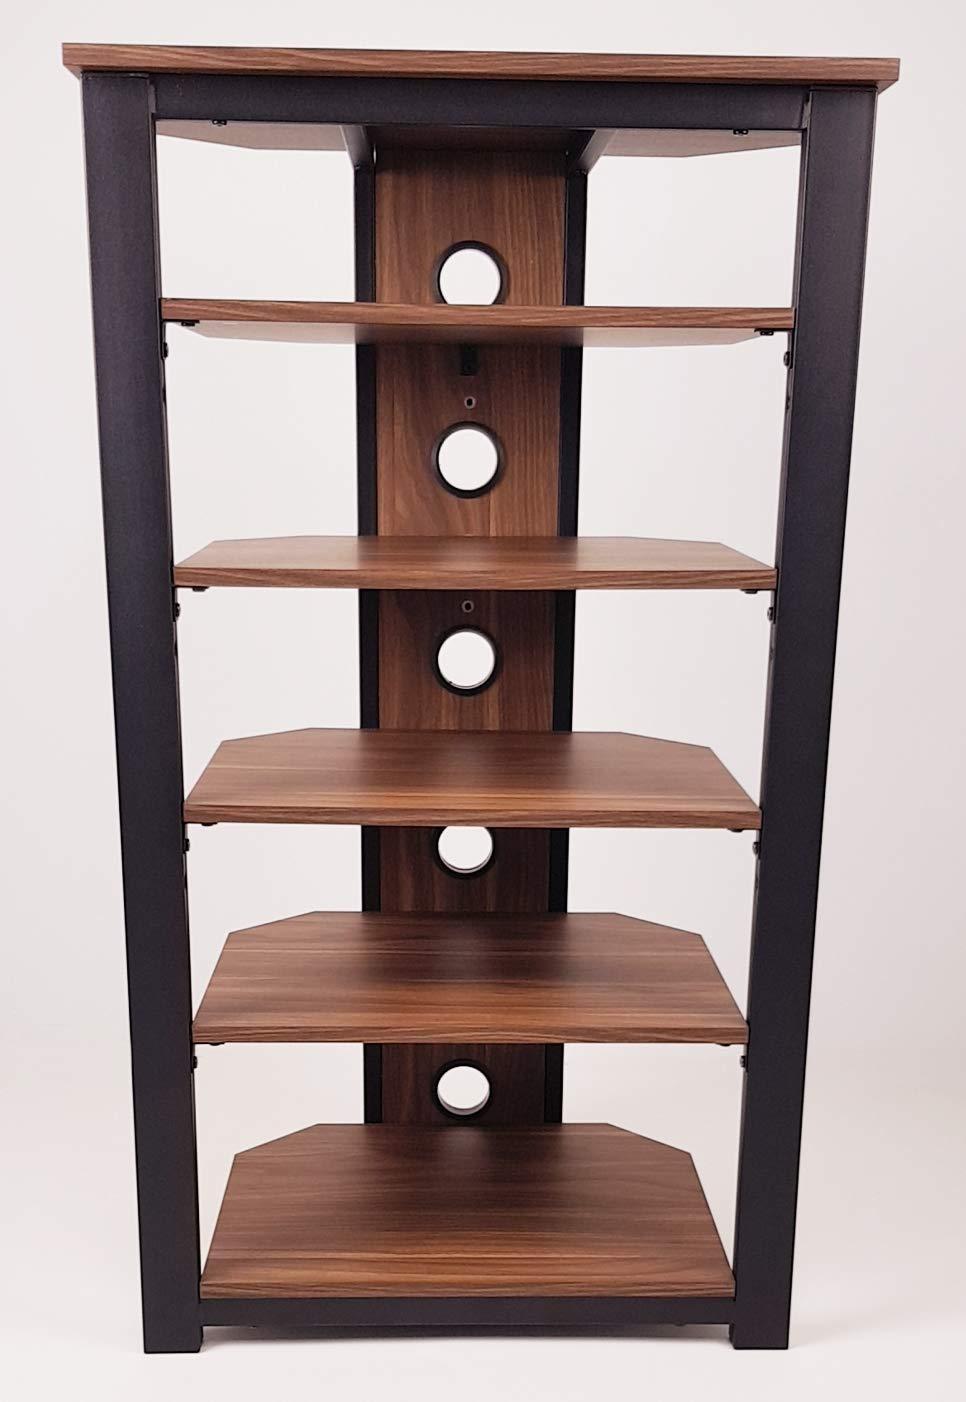 Gecko Tower TOW600 Mobiletto per sistema HiFi con 6 ripiani in legno